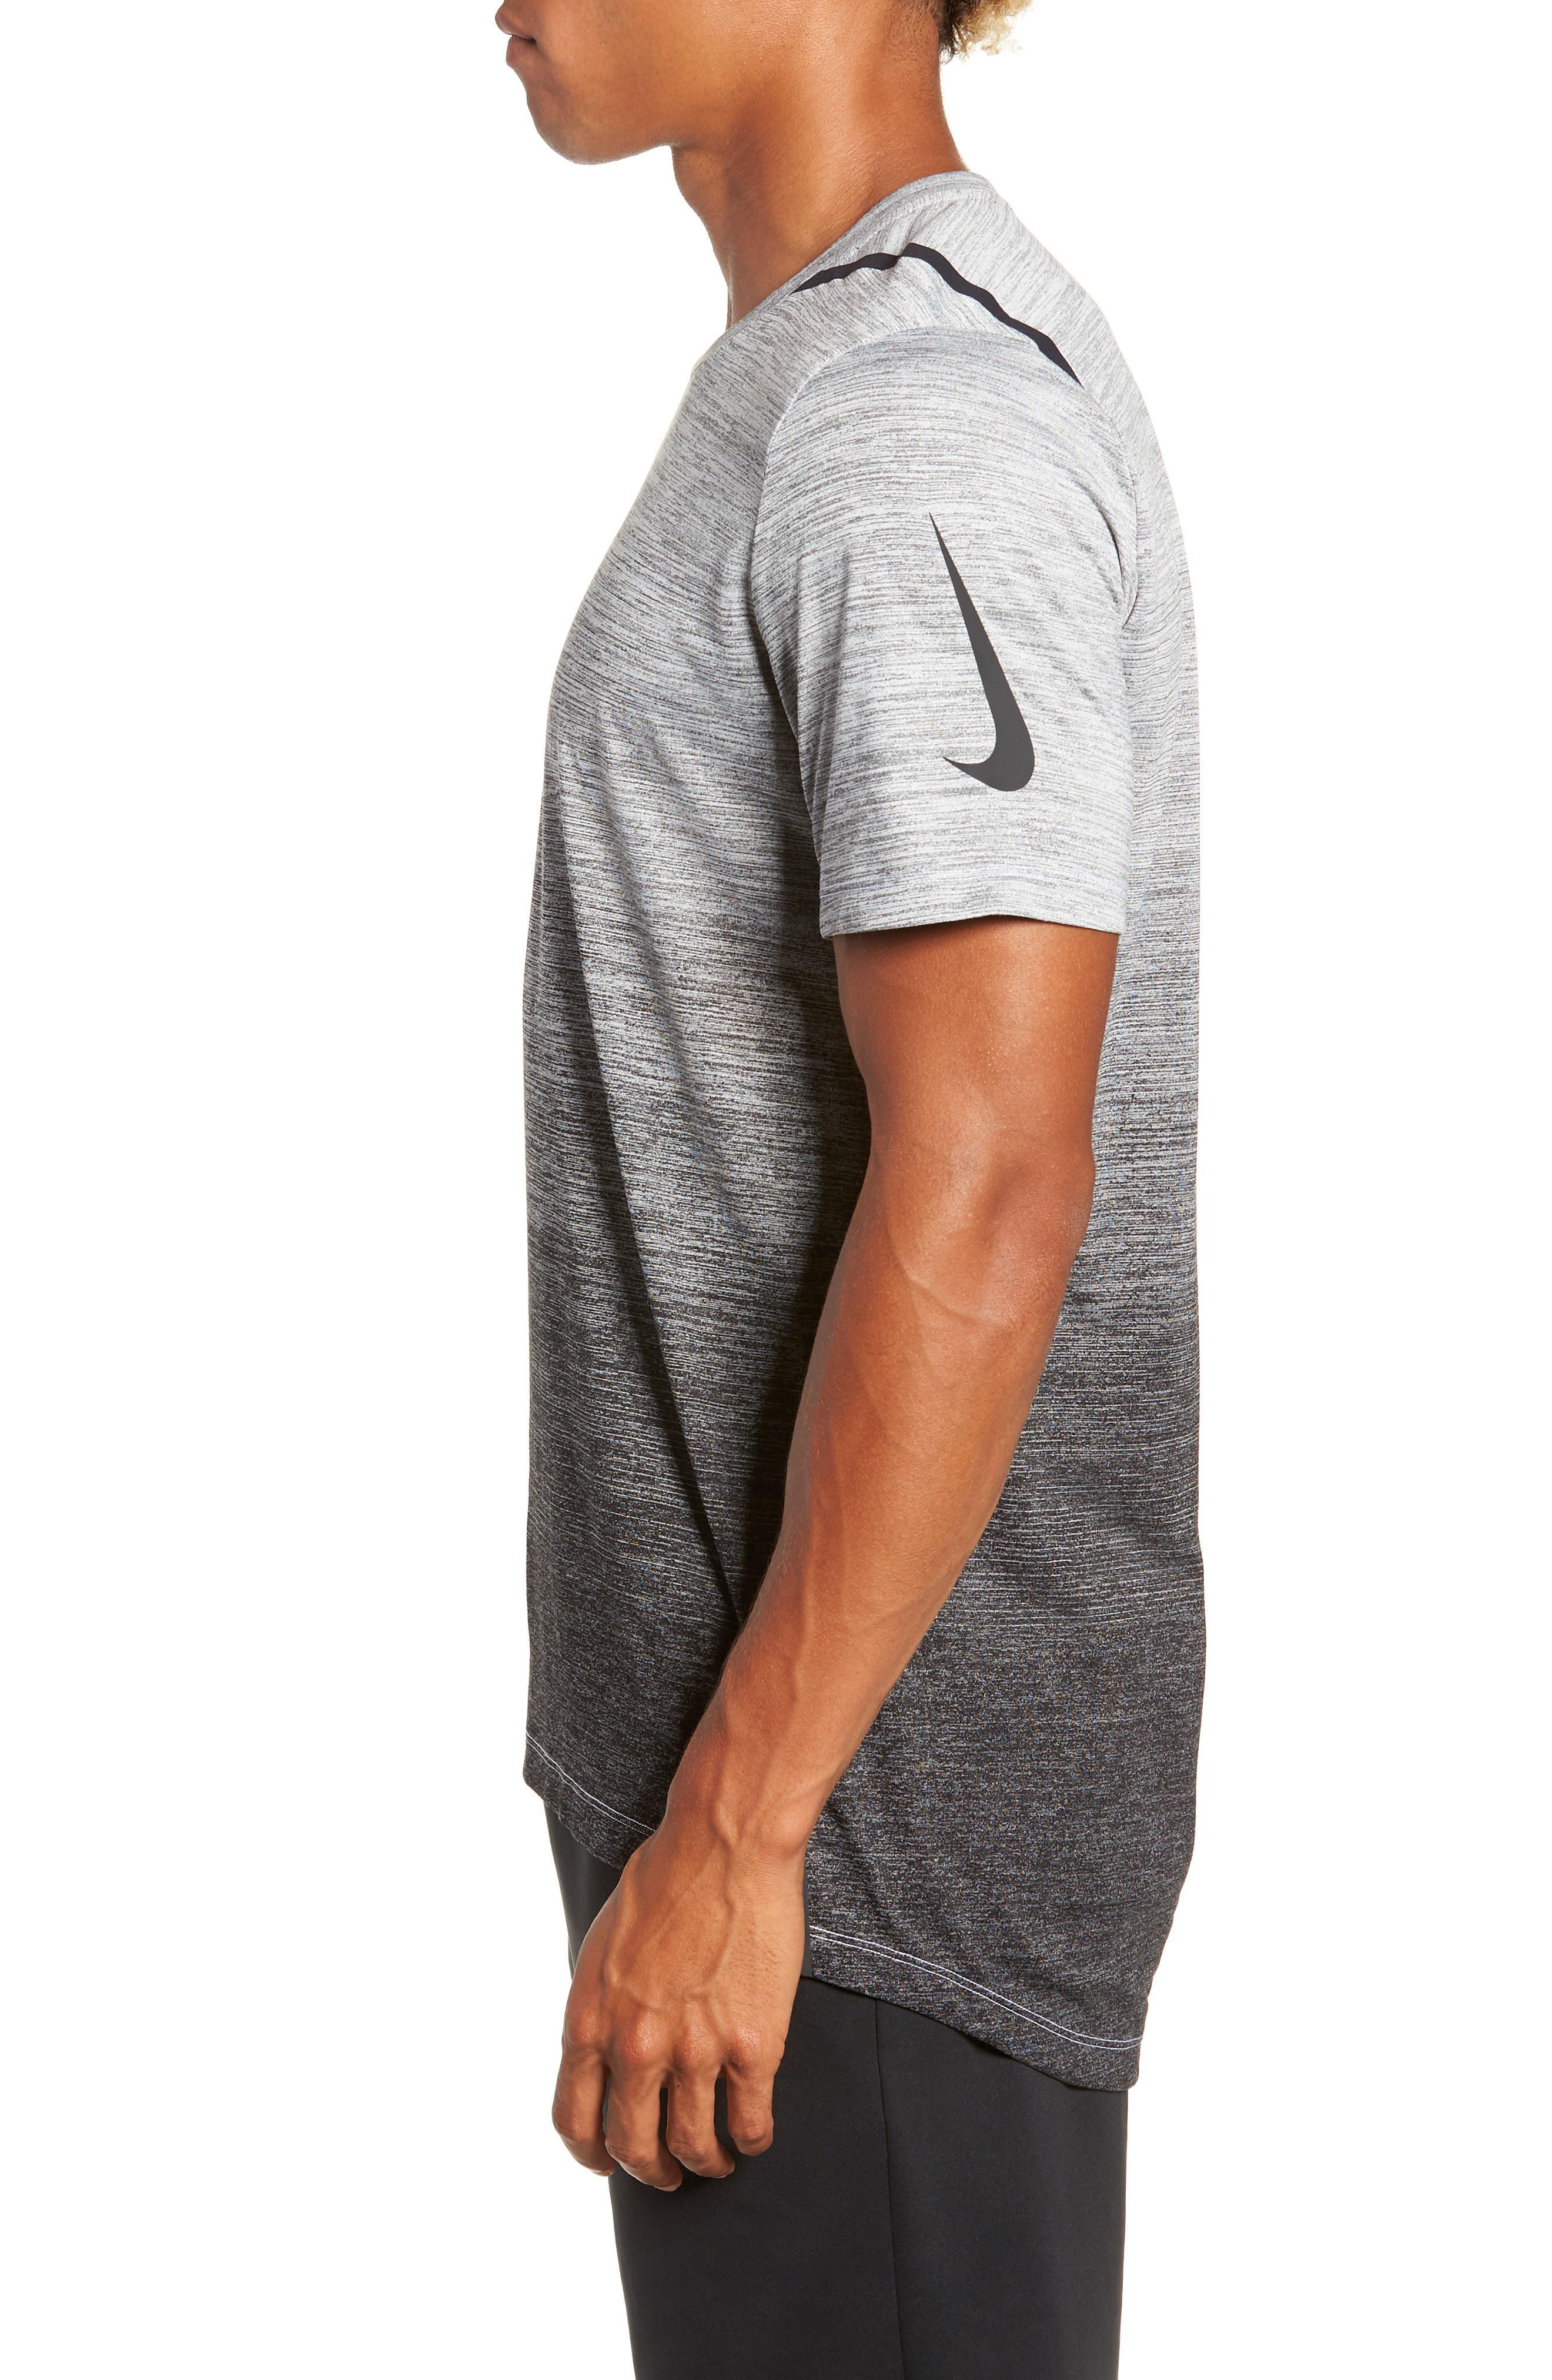 Dry Max Training T-Shirt,                             Alternate thumbnail 3, color,                             BLACK/ WHITE/ HYPER COBALT